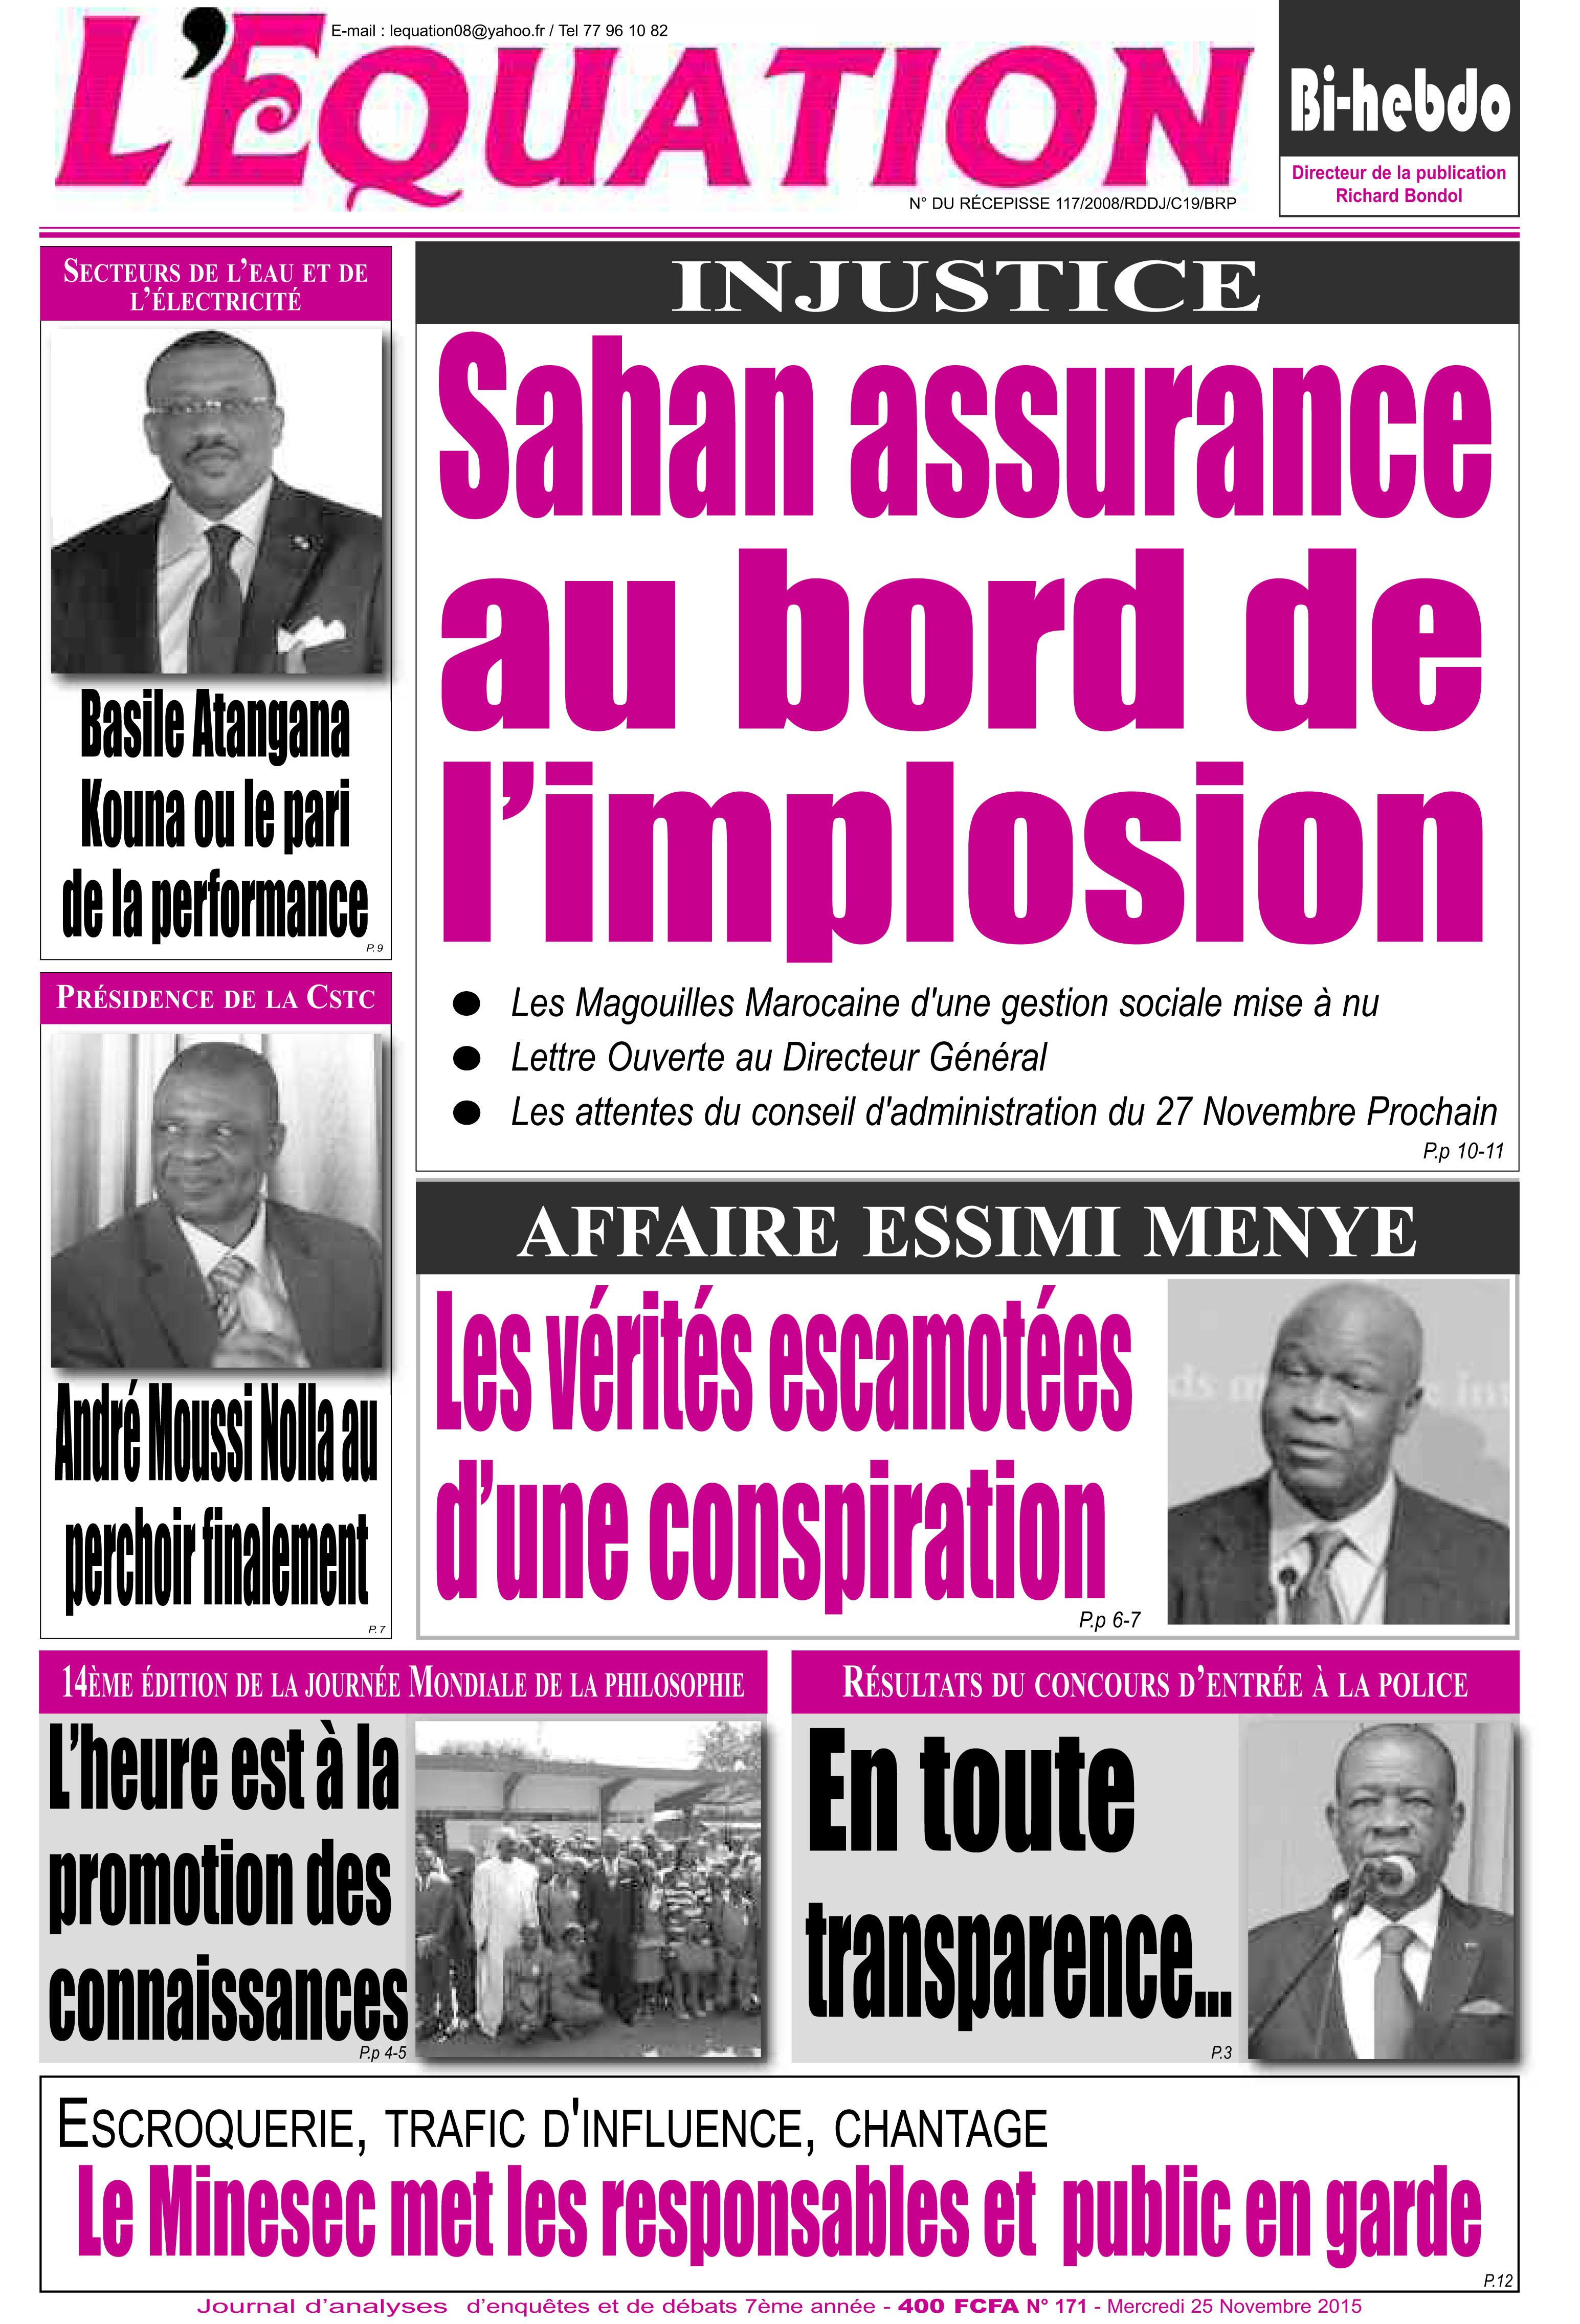 Cameroun:Les vérités qu'on refuse de dire sur l'affaire Essimi Menye